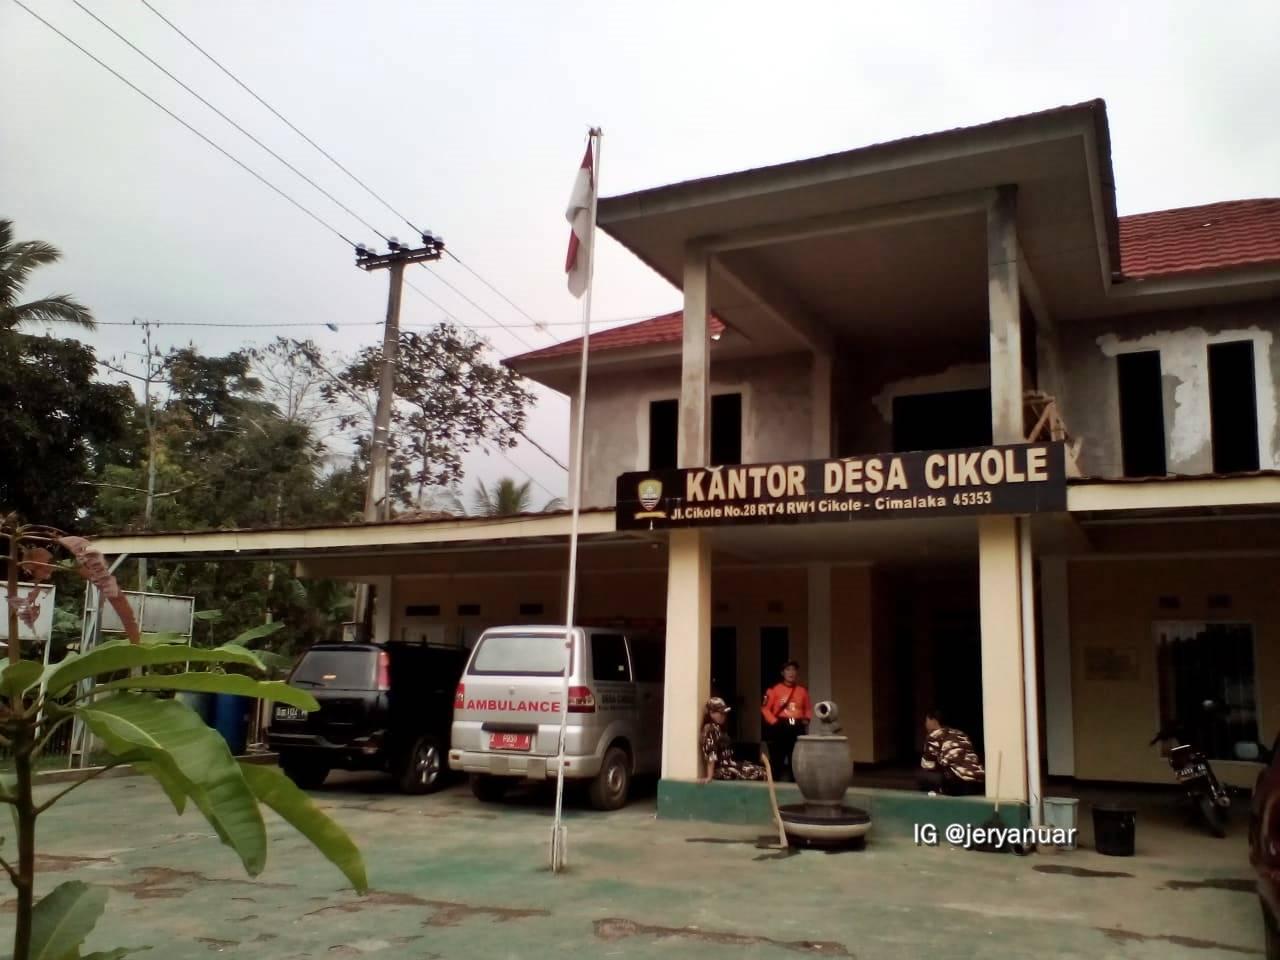 Kantor Desa Cikole, Kab. Sumedang